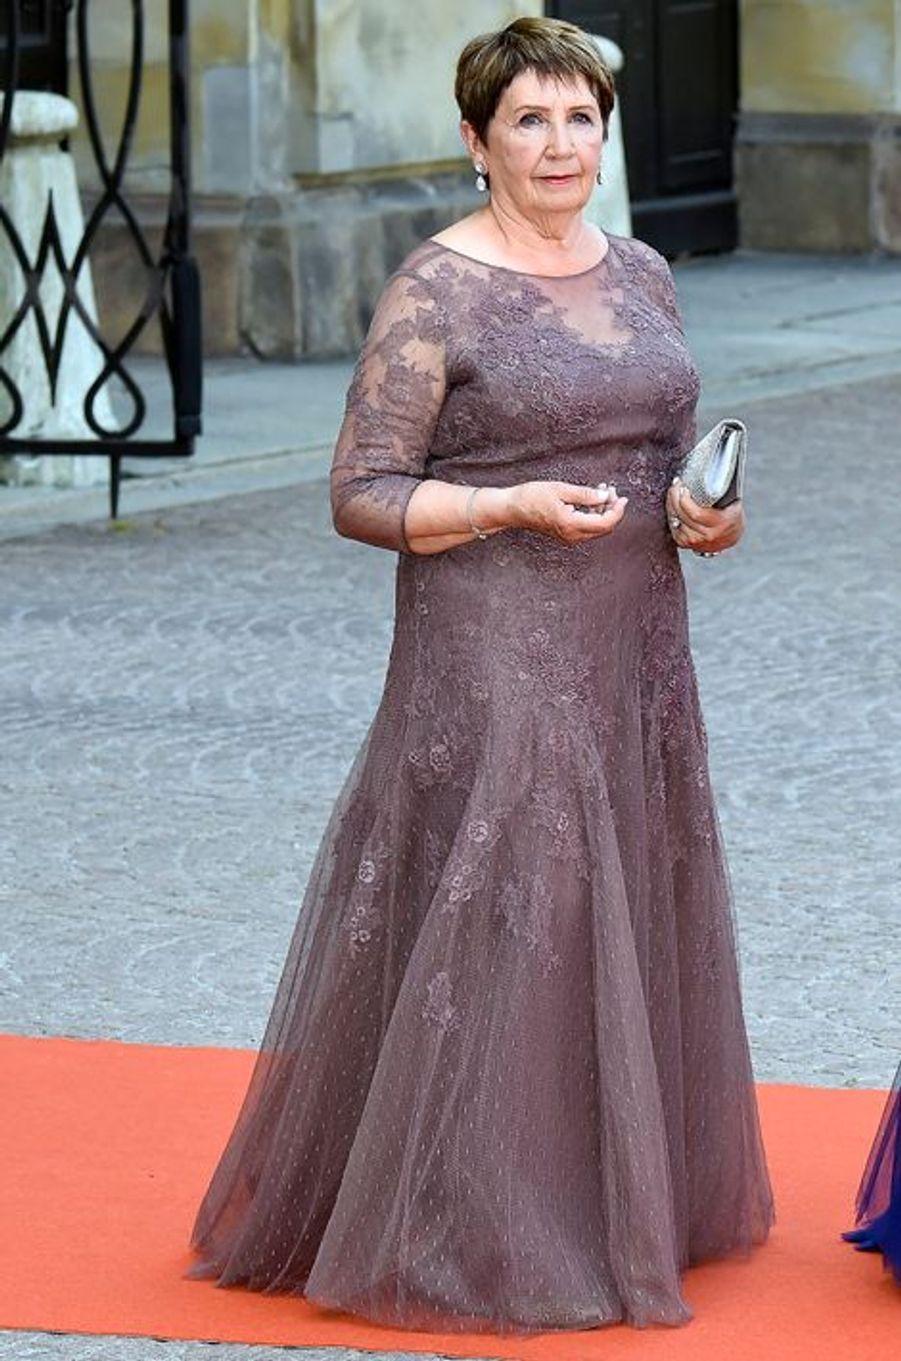 Britt Rotman , la grand-mère de Sofia Hellqvist, à Stockholm, le 13 juin 2015